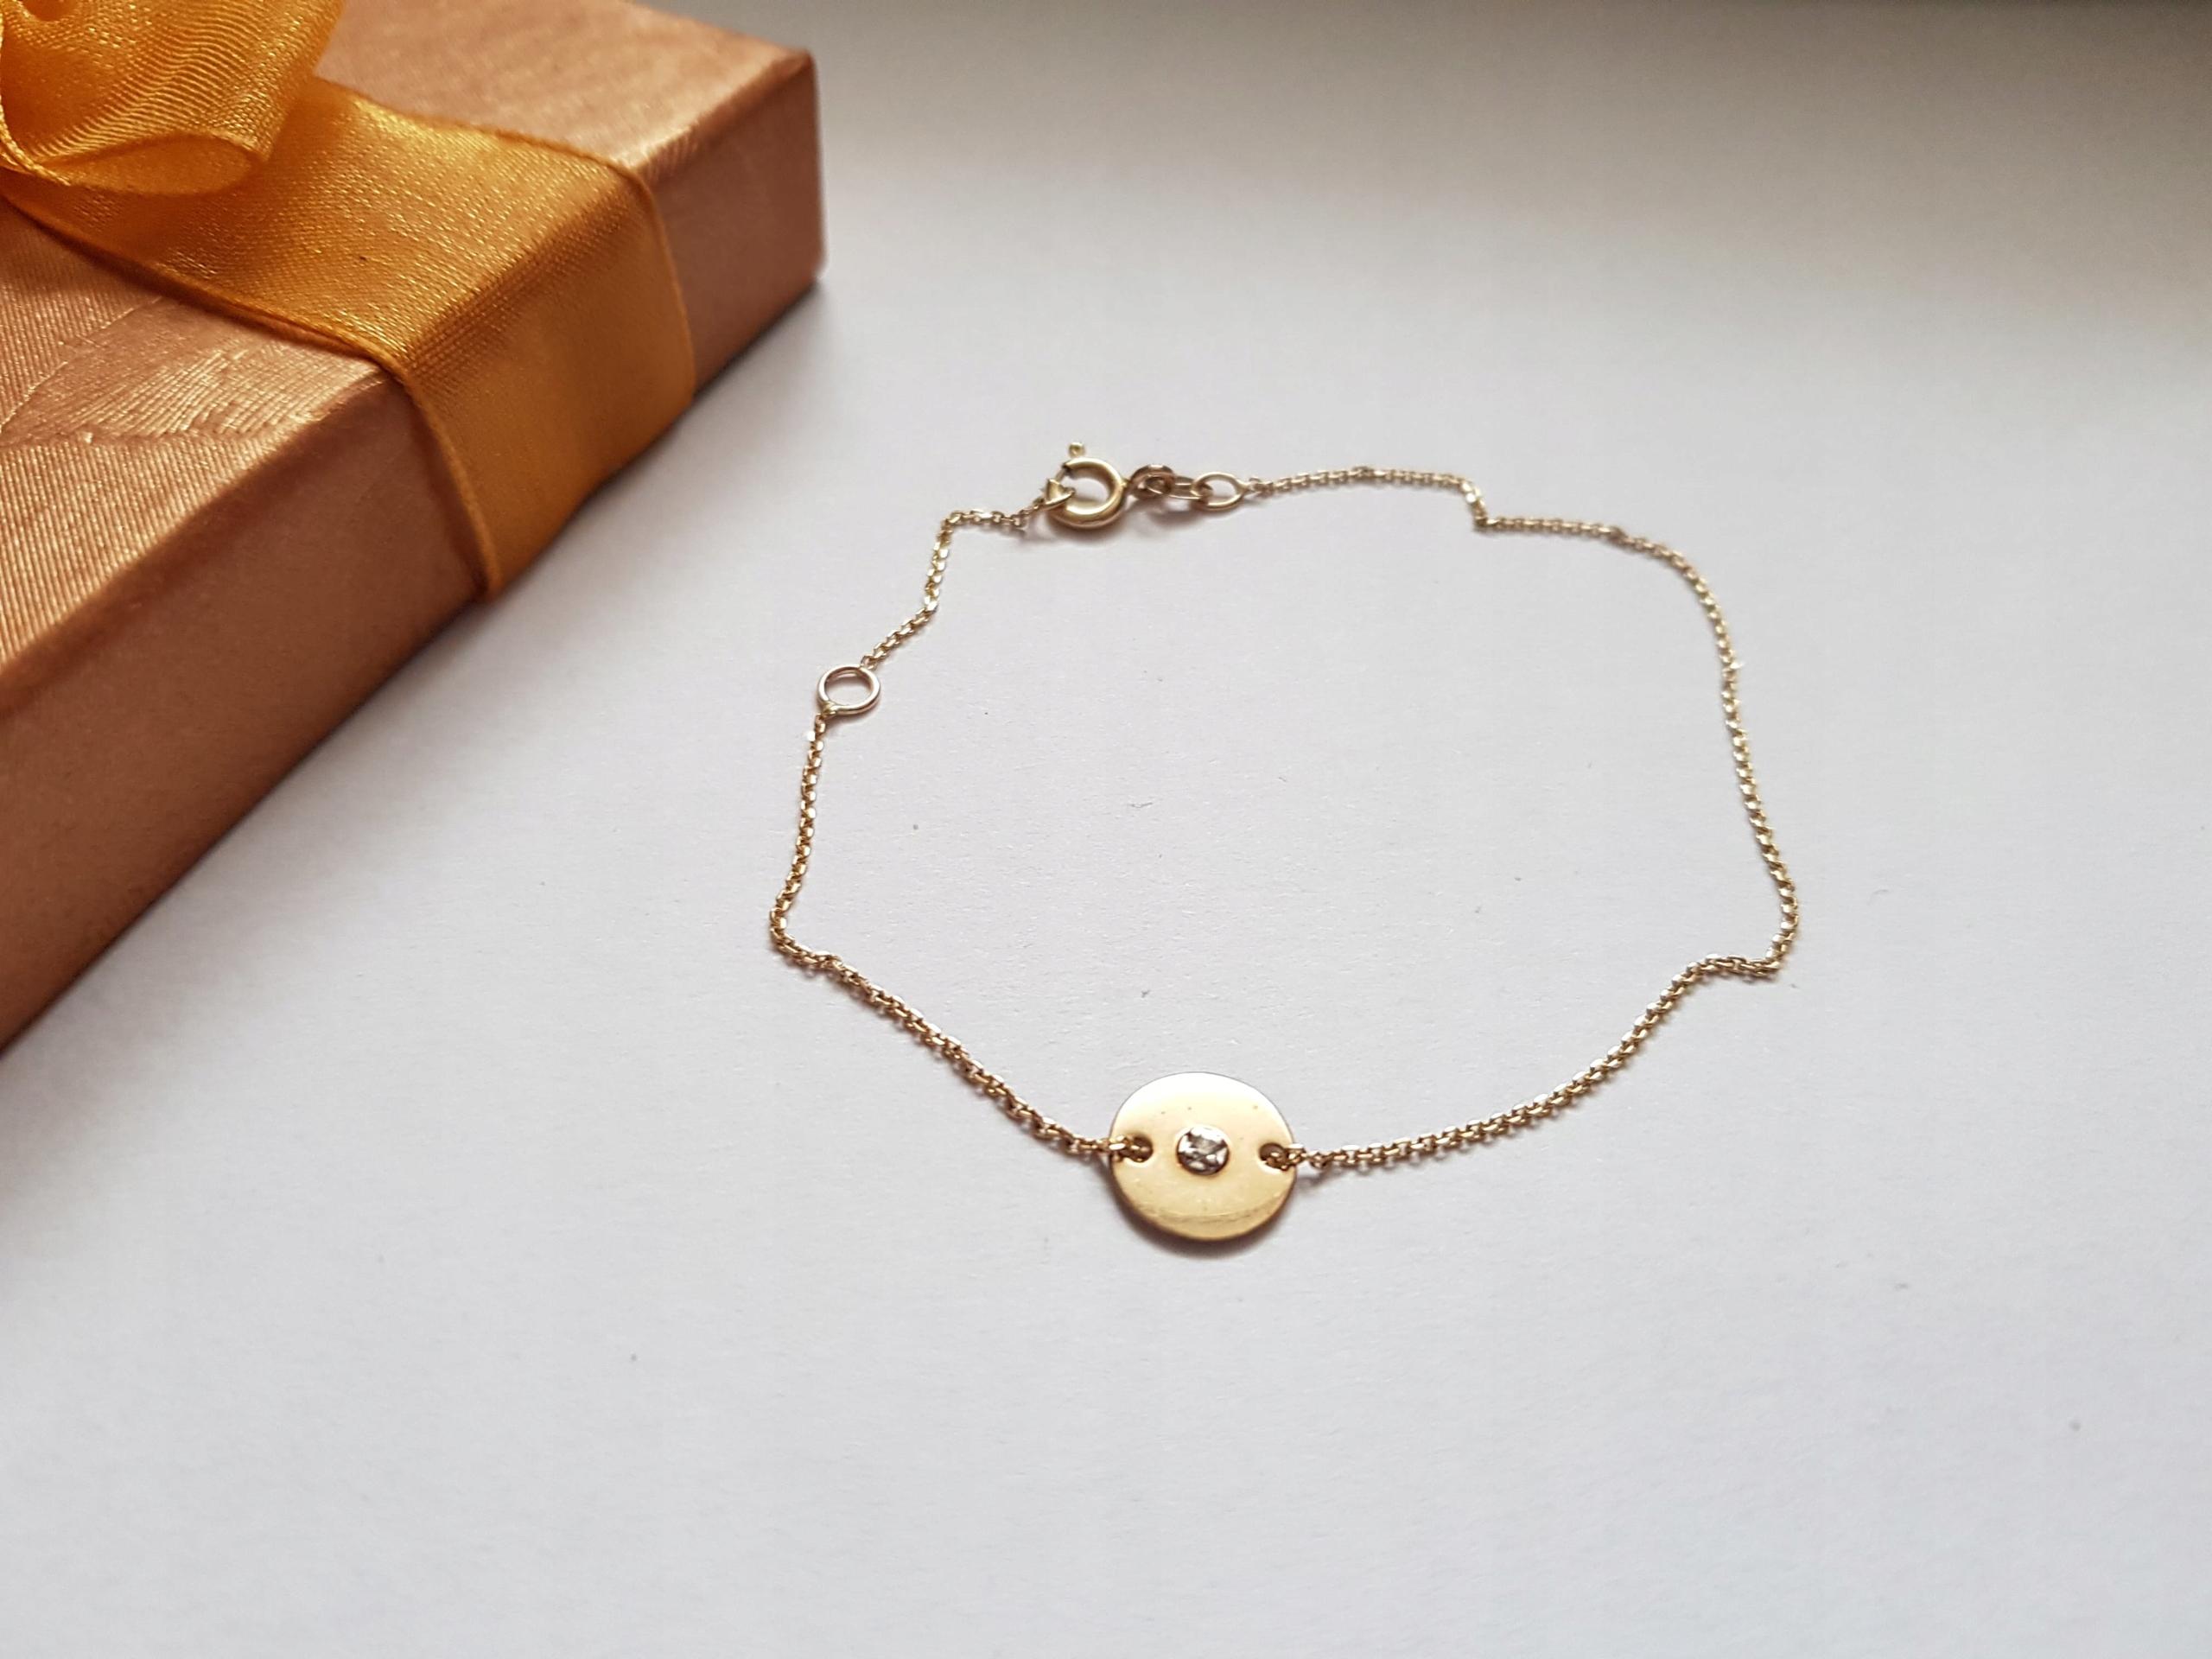 4f85b7271c88db APART, Bransoletka z żółtego złota z brylantem - 7840761233 ...